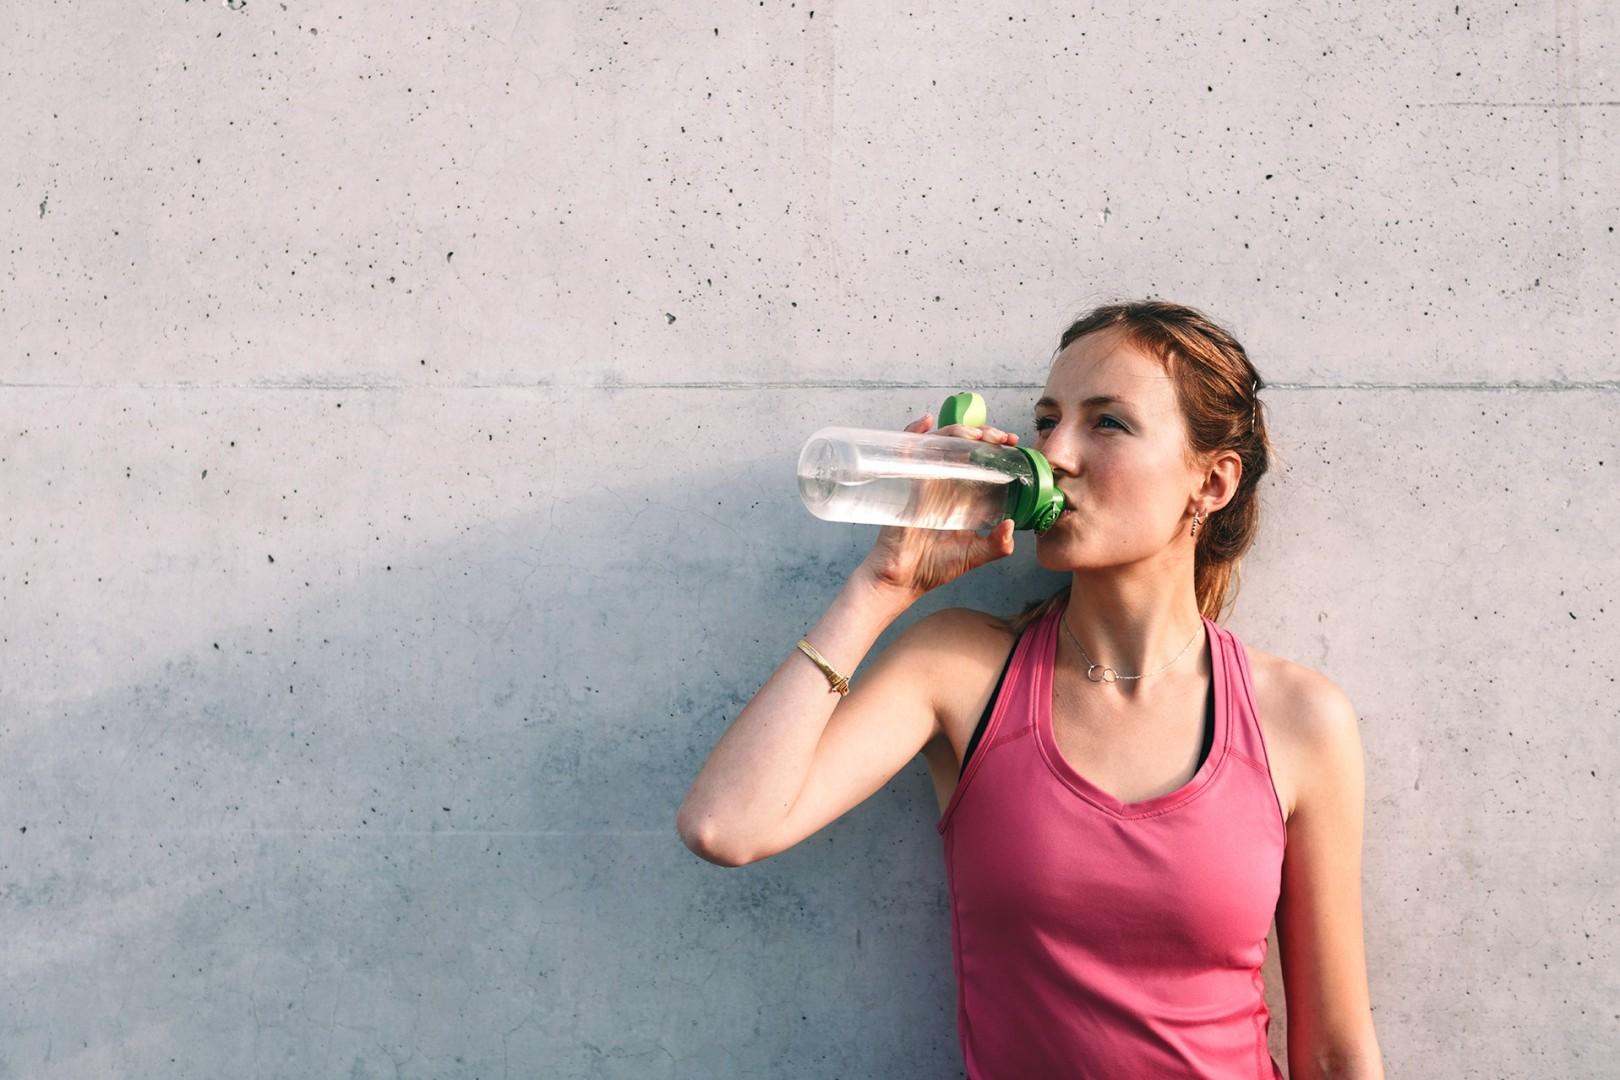 Sportlerin trinkt aus einer Flasche